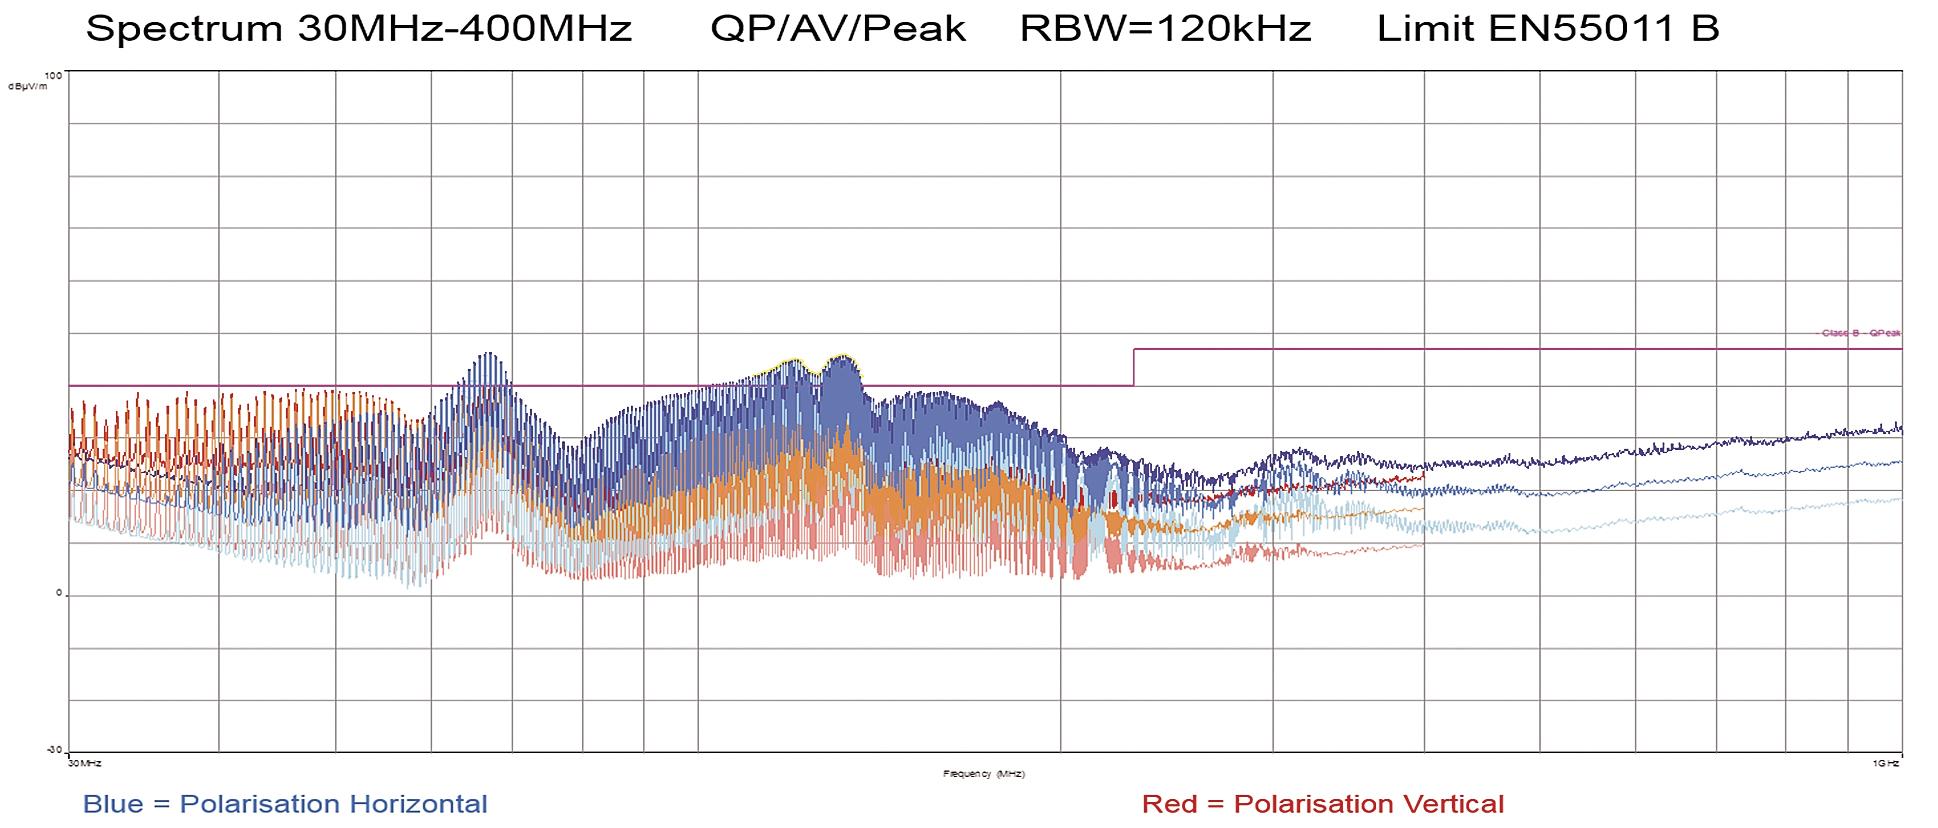 Результат измерения базового преобразователя с развязывающими фильтрами